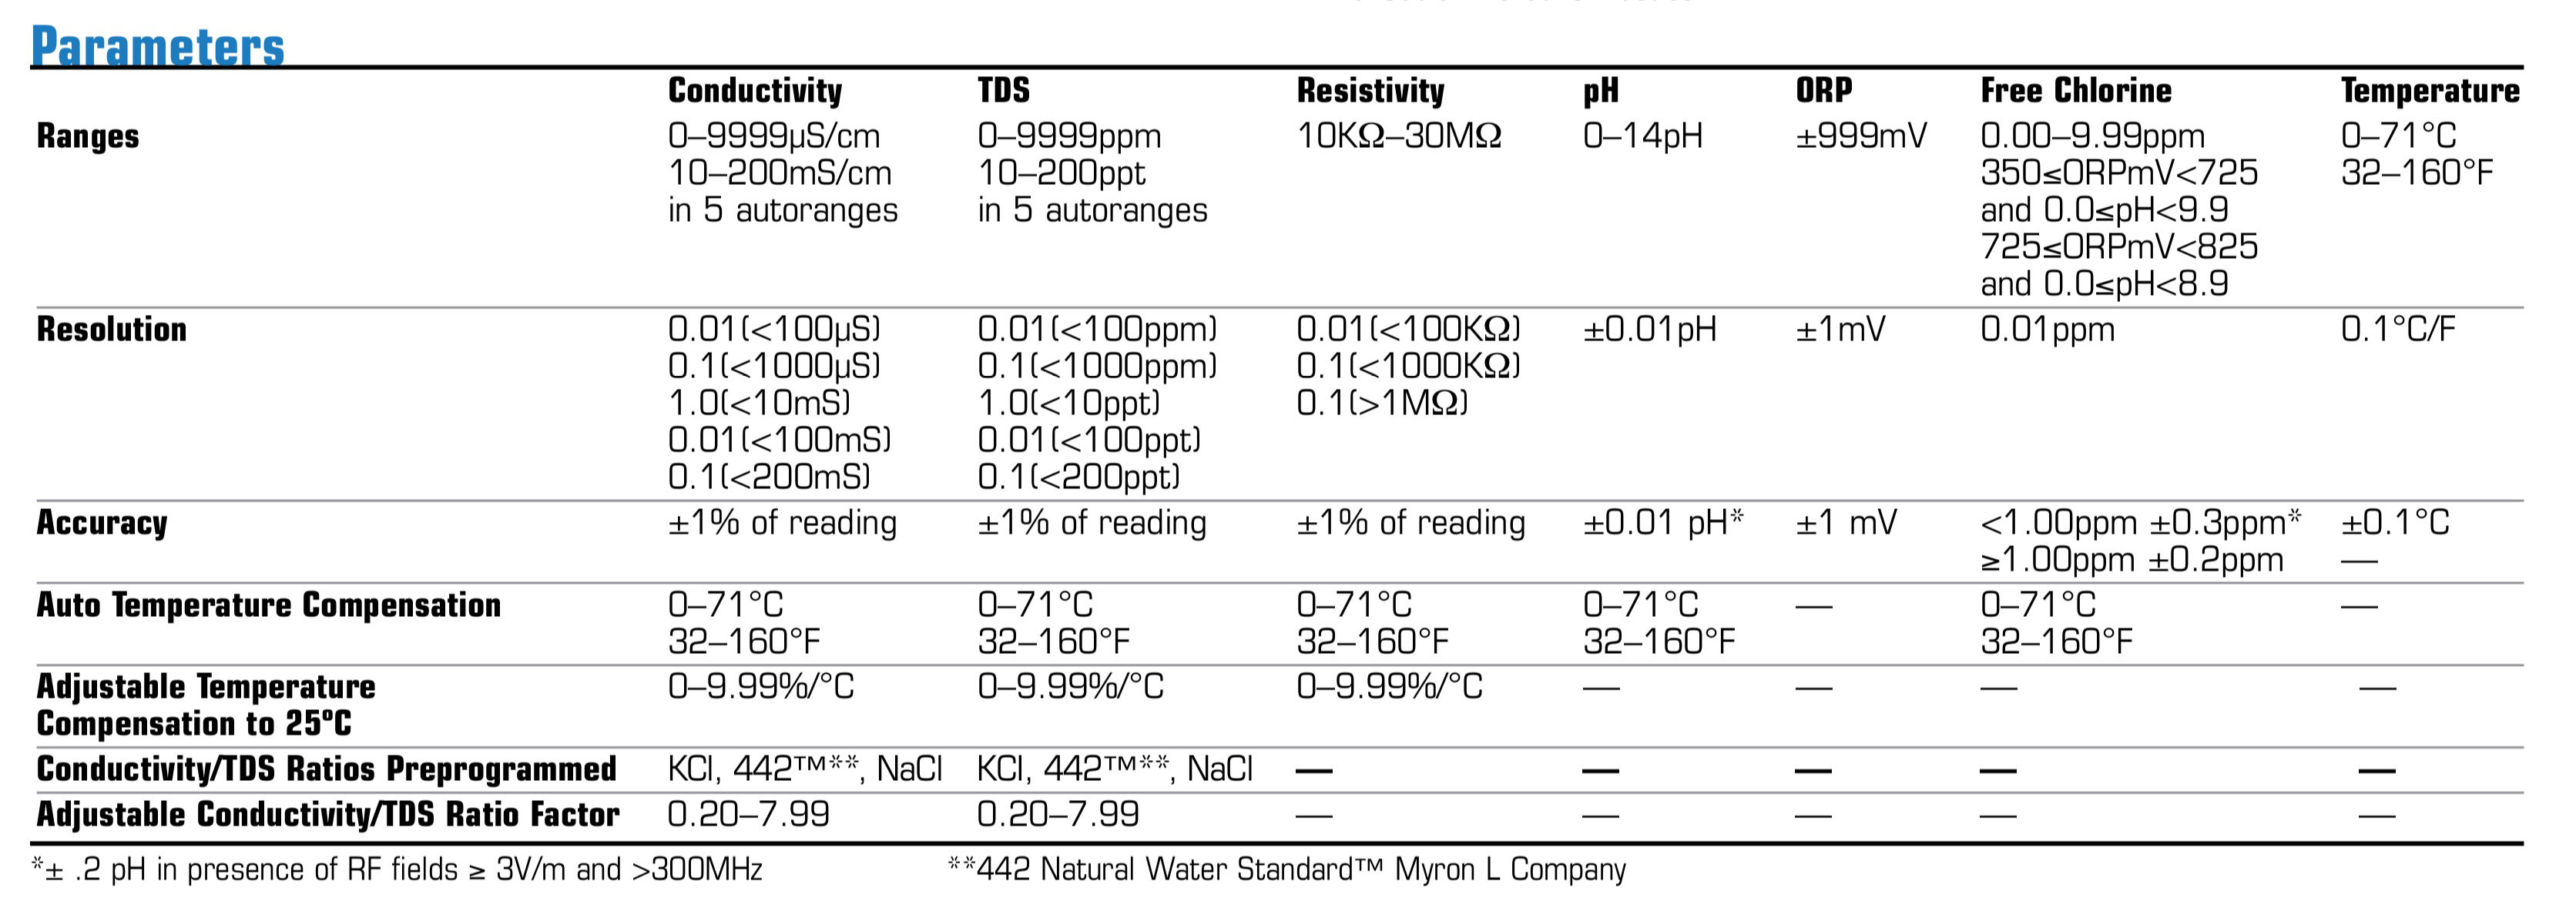 MyronL 6P Parameters